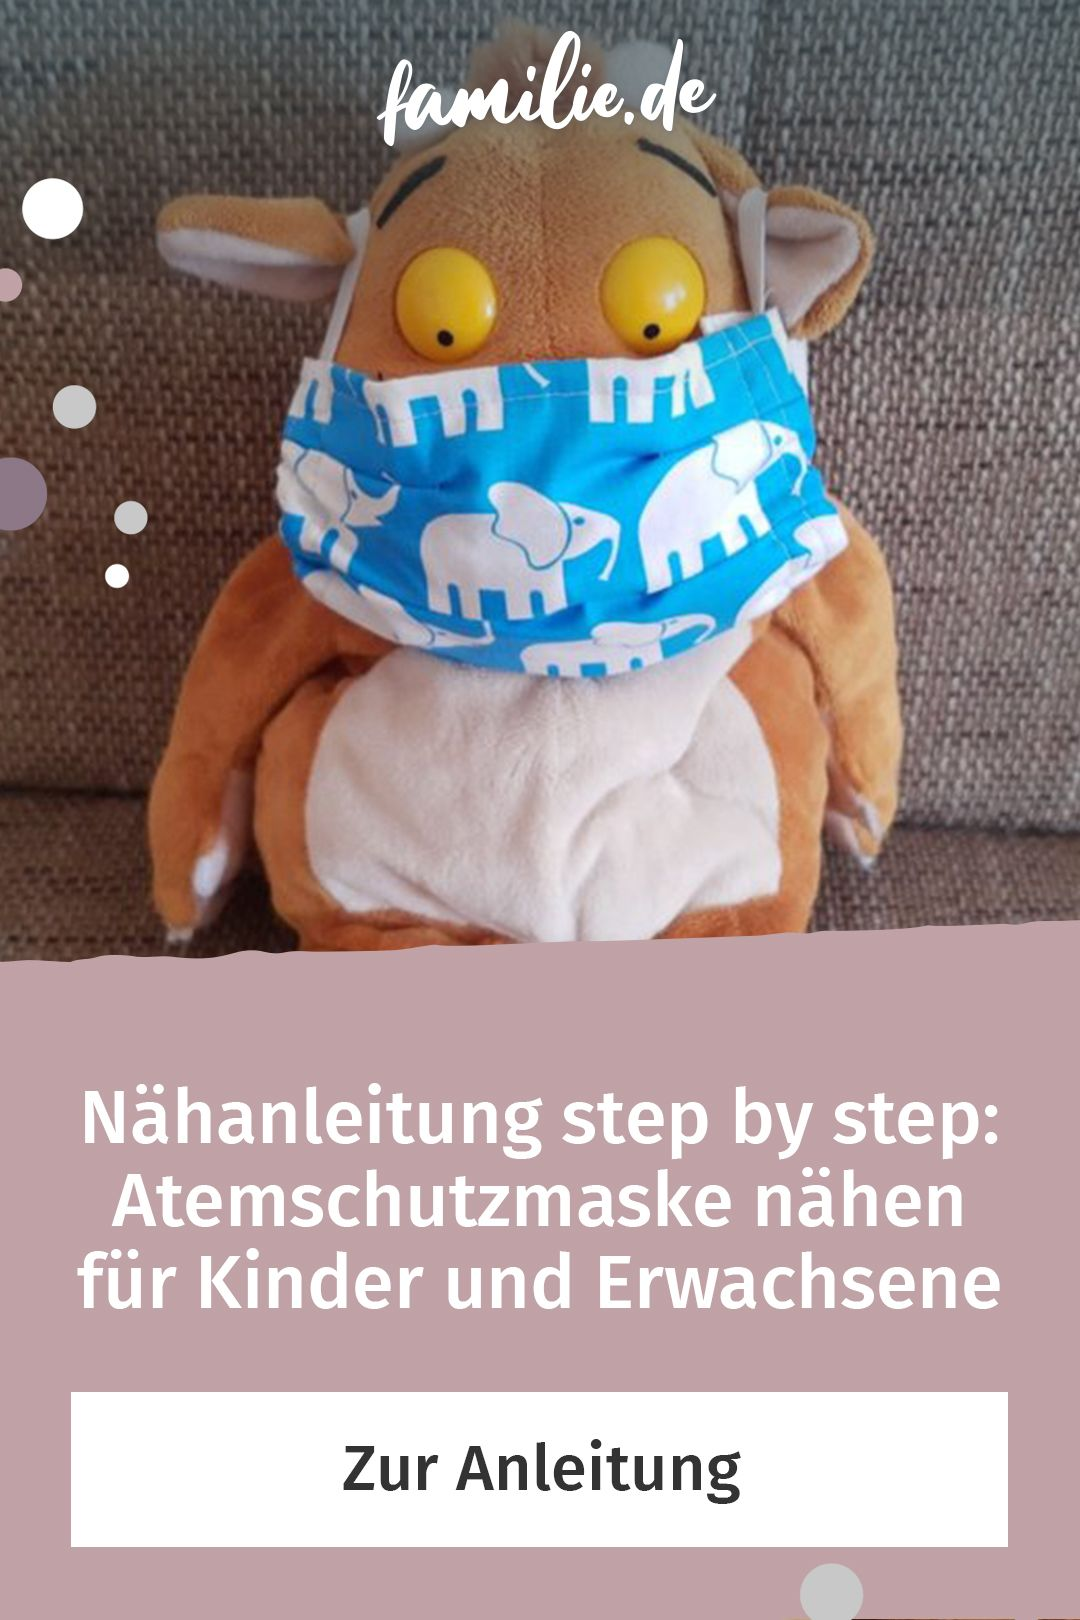 Photo of Nähanleitung step by step: Atemschutzmaske nähen für Kinder und Erwachsene